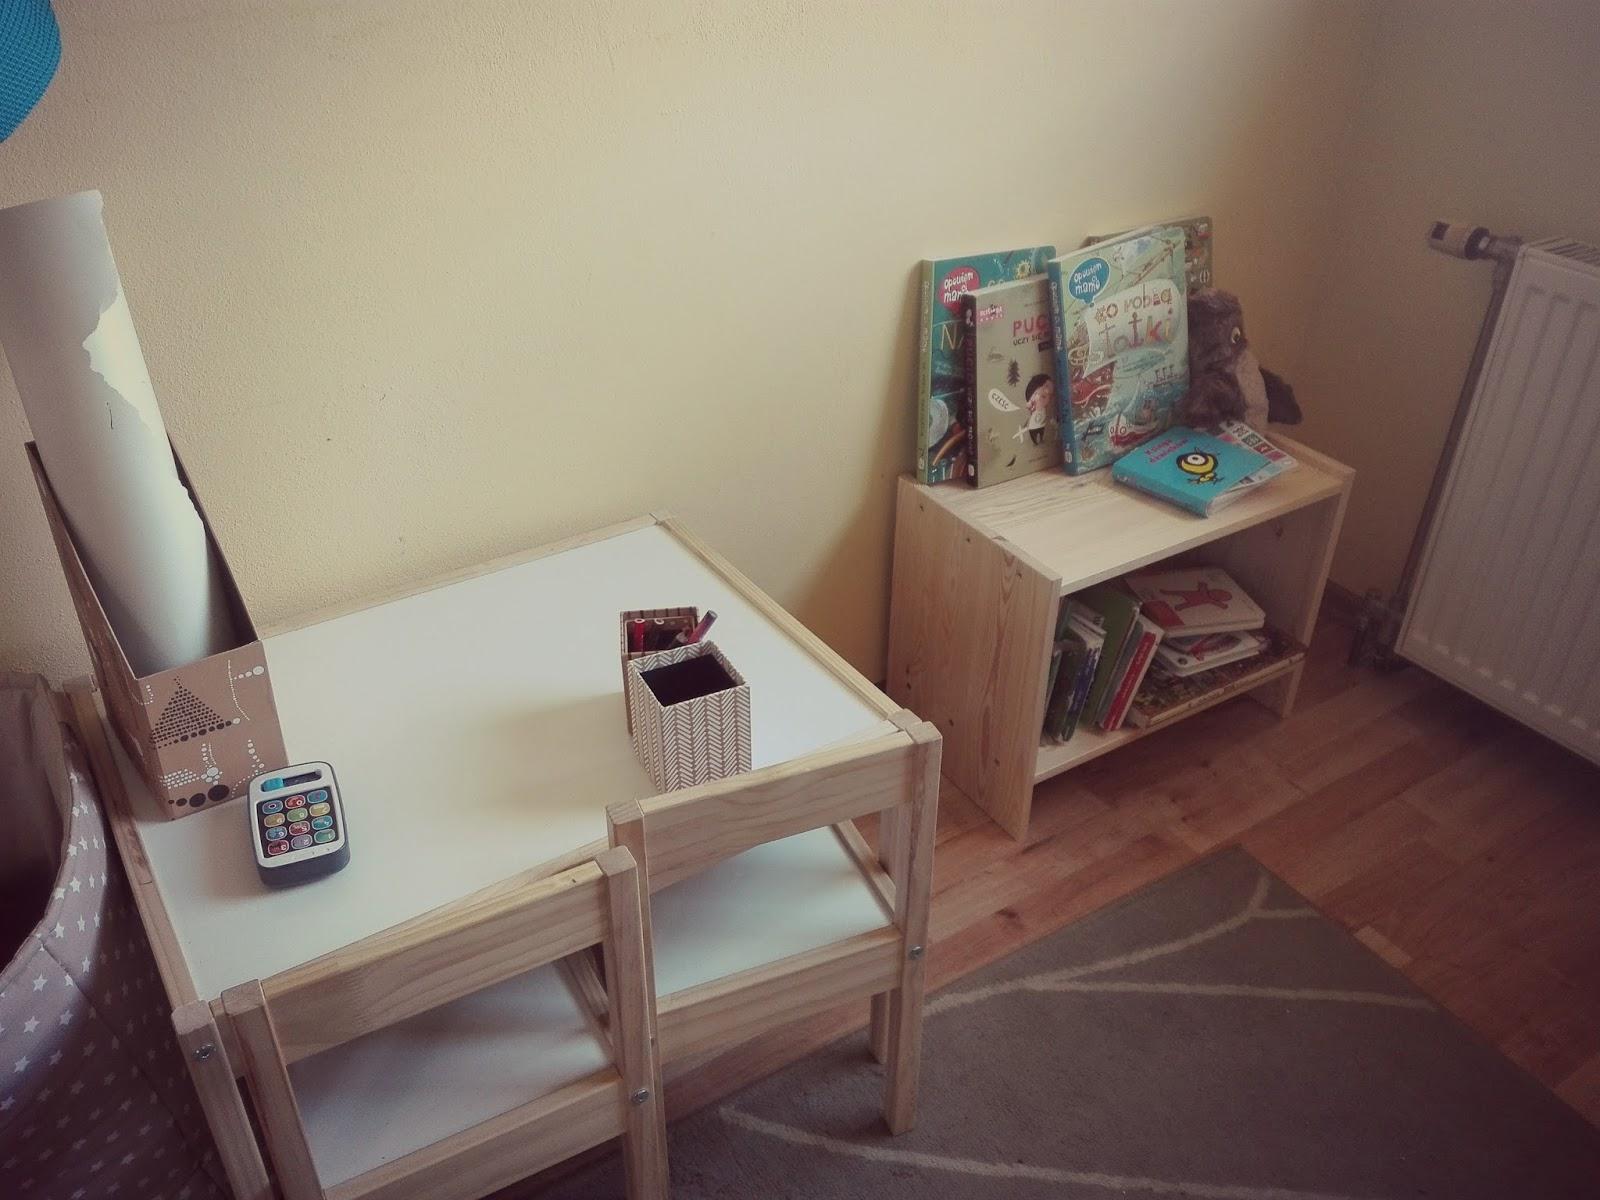 Jak urządzić pokój dziecka według zasad Montessori?